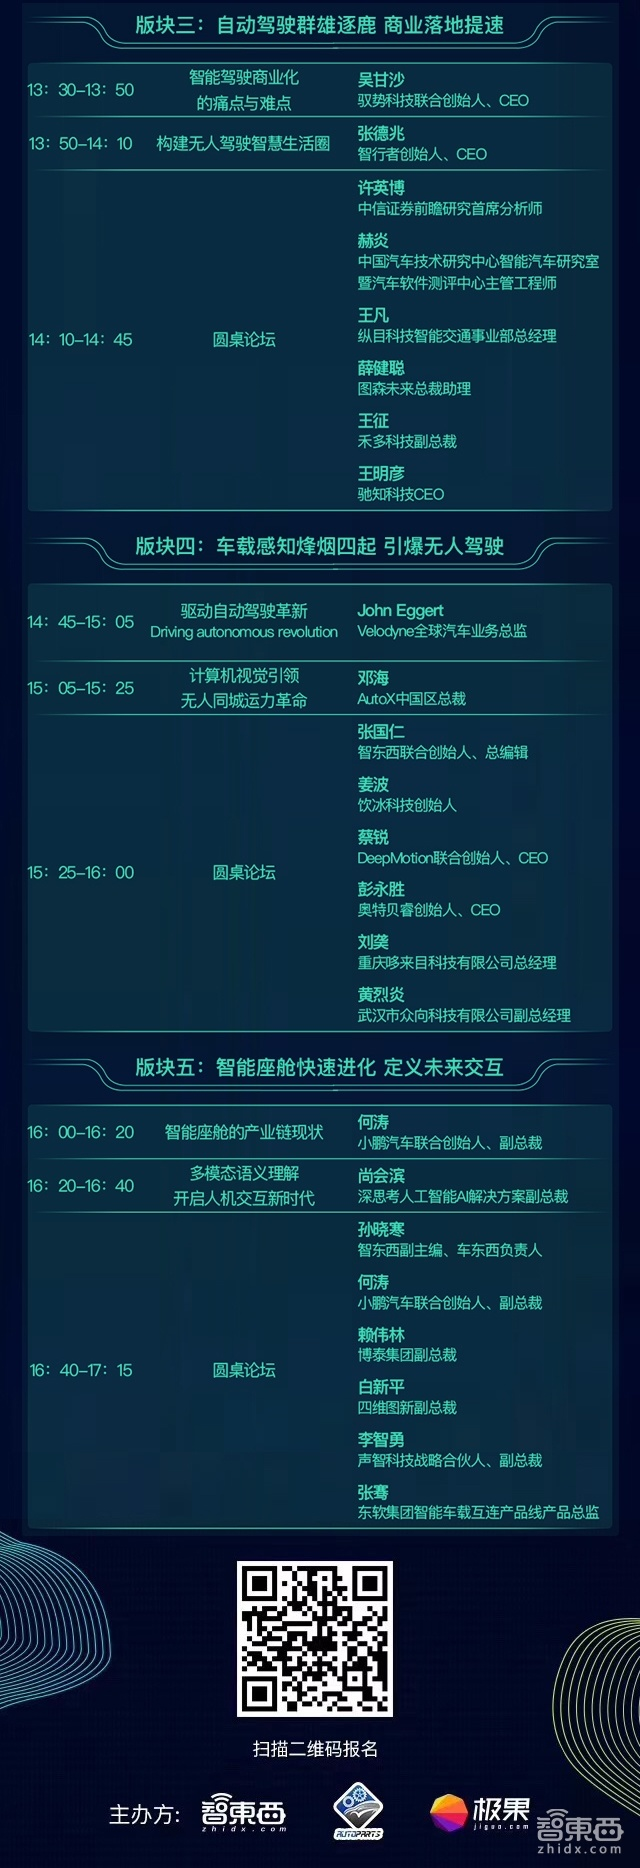 智东西早报:GTIC 2018智能汽车峰会今日开幕 北京开放5G自动驾驶路测